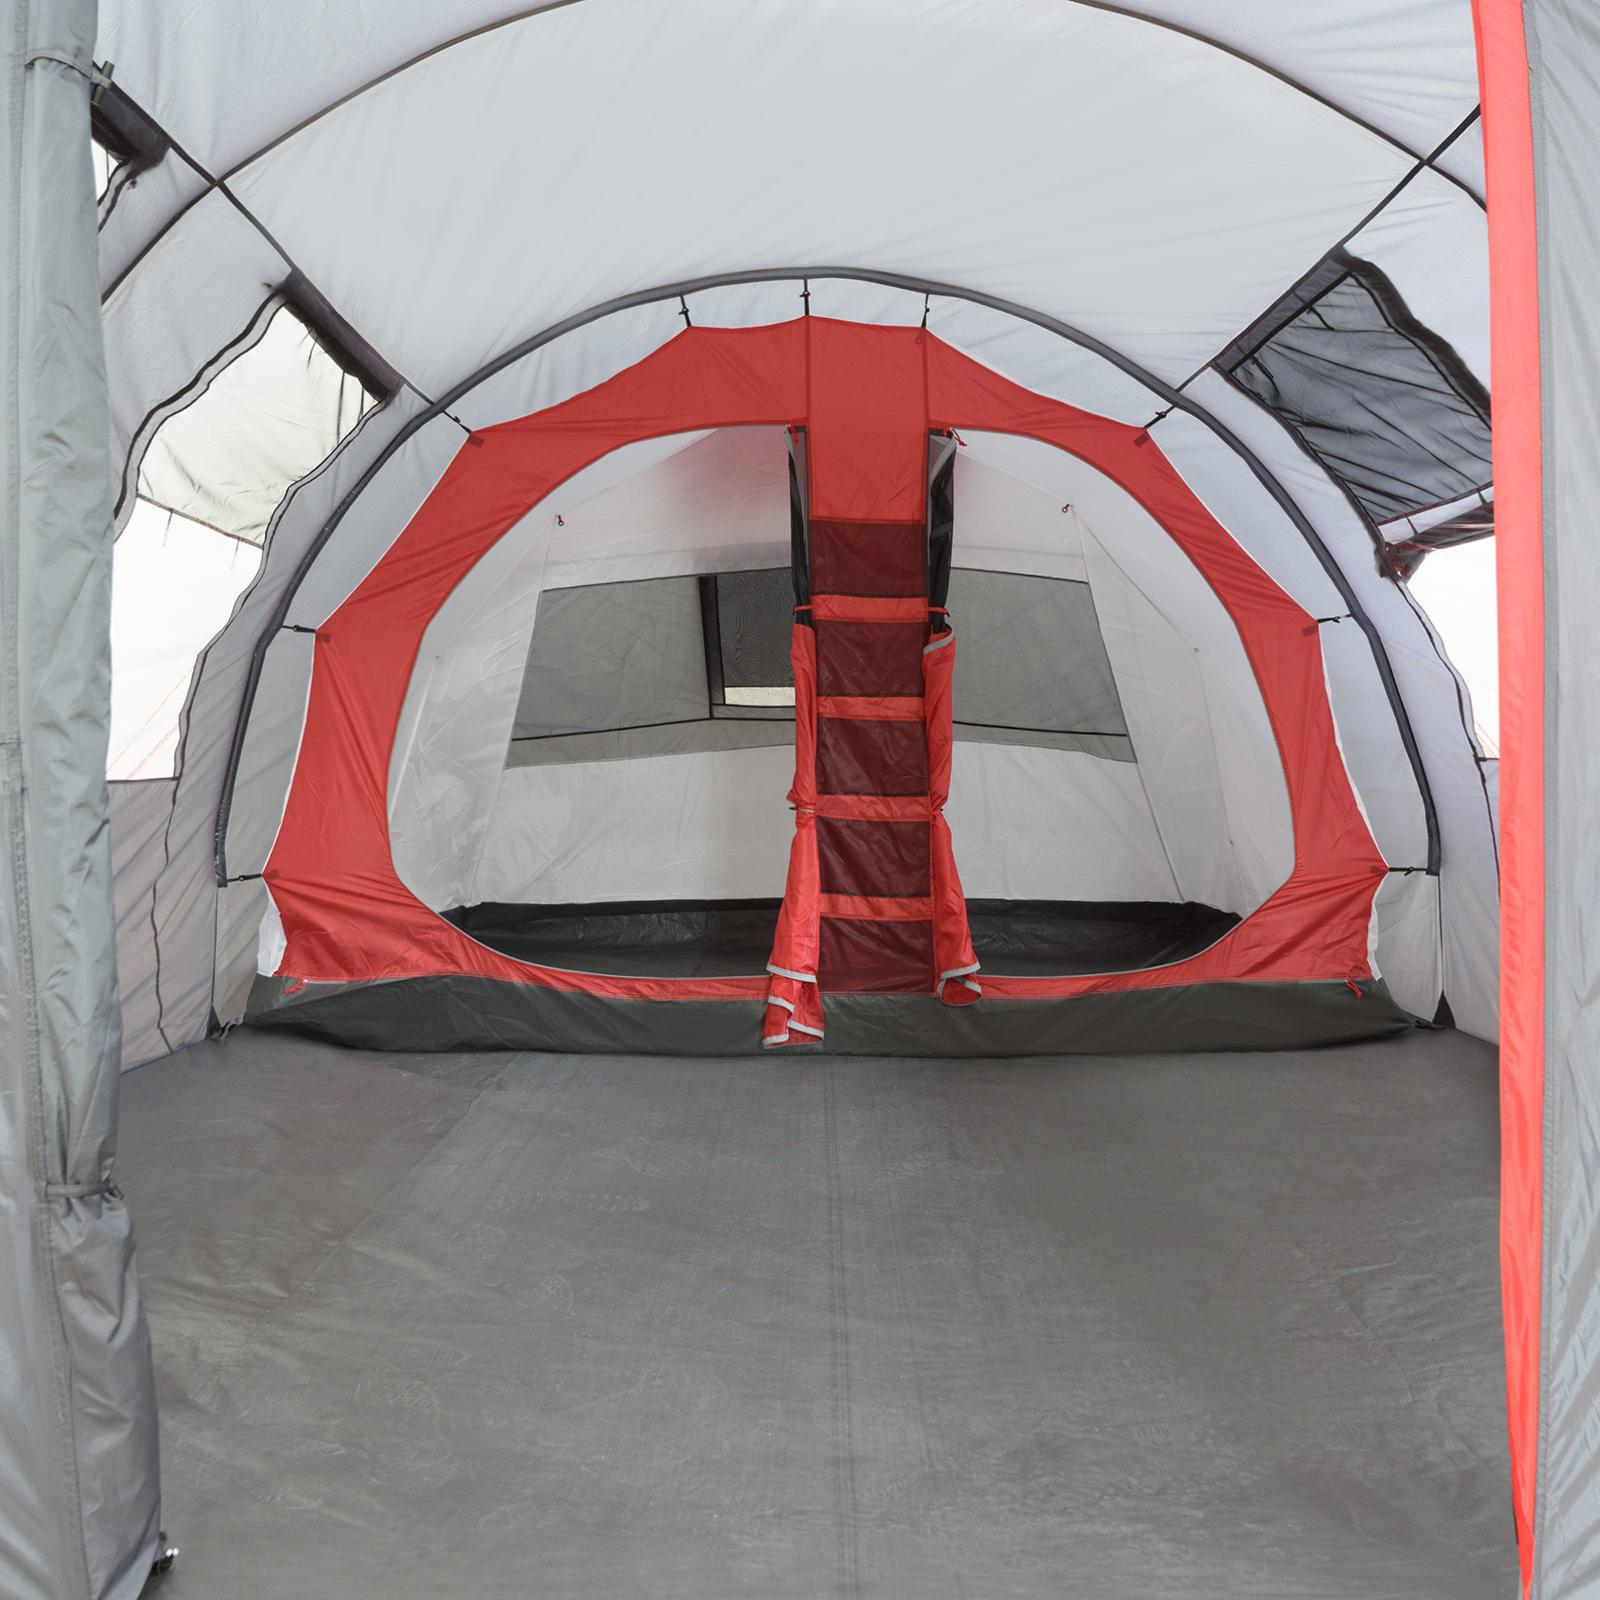 Zelt 5 Personen Stehhöhe : Familienzelt justcamp atlanta tunnelzelt für personen